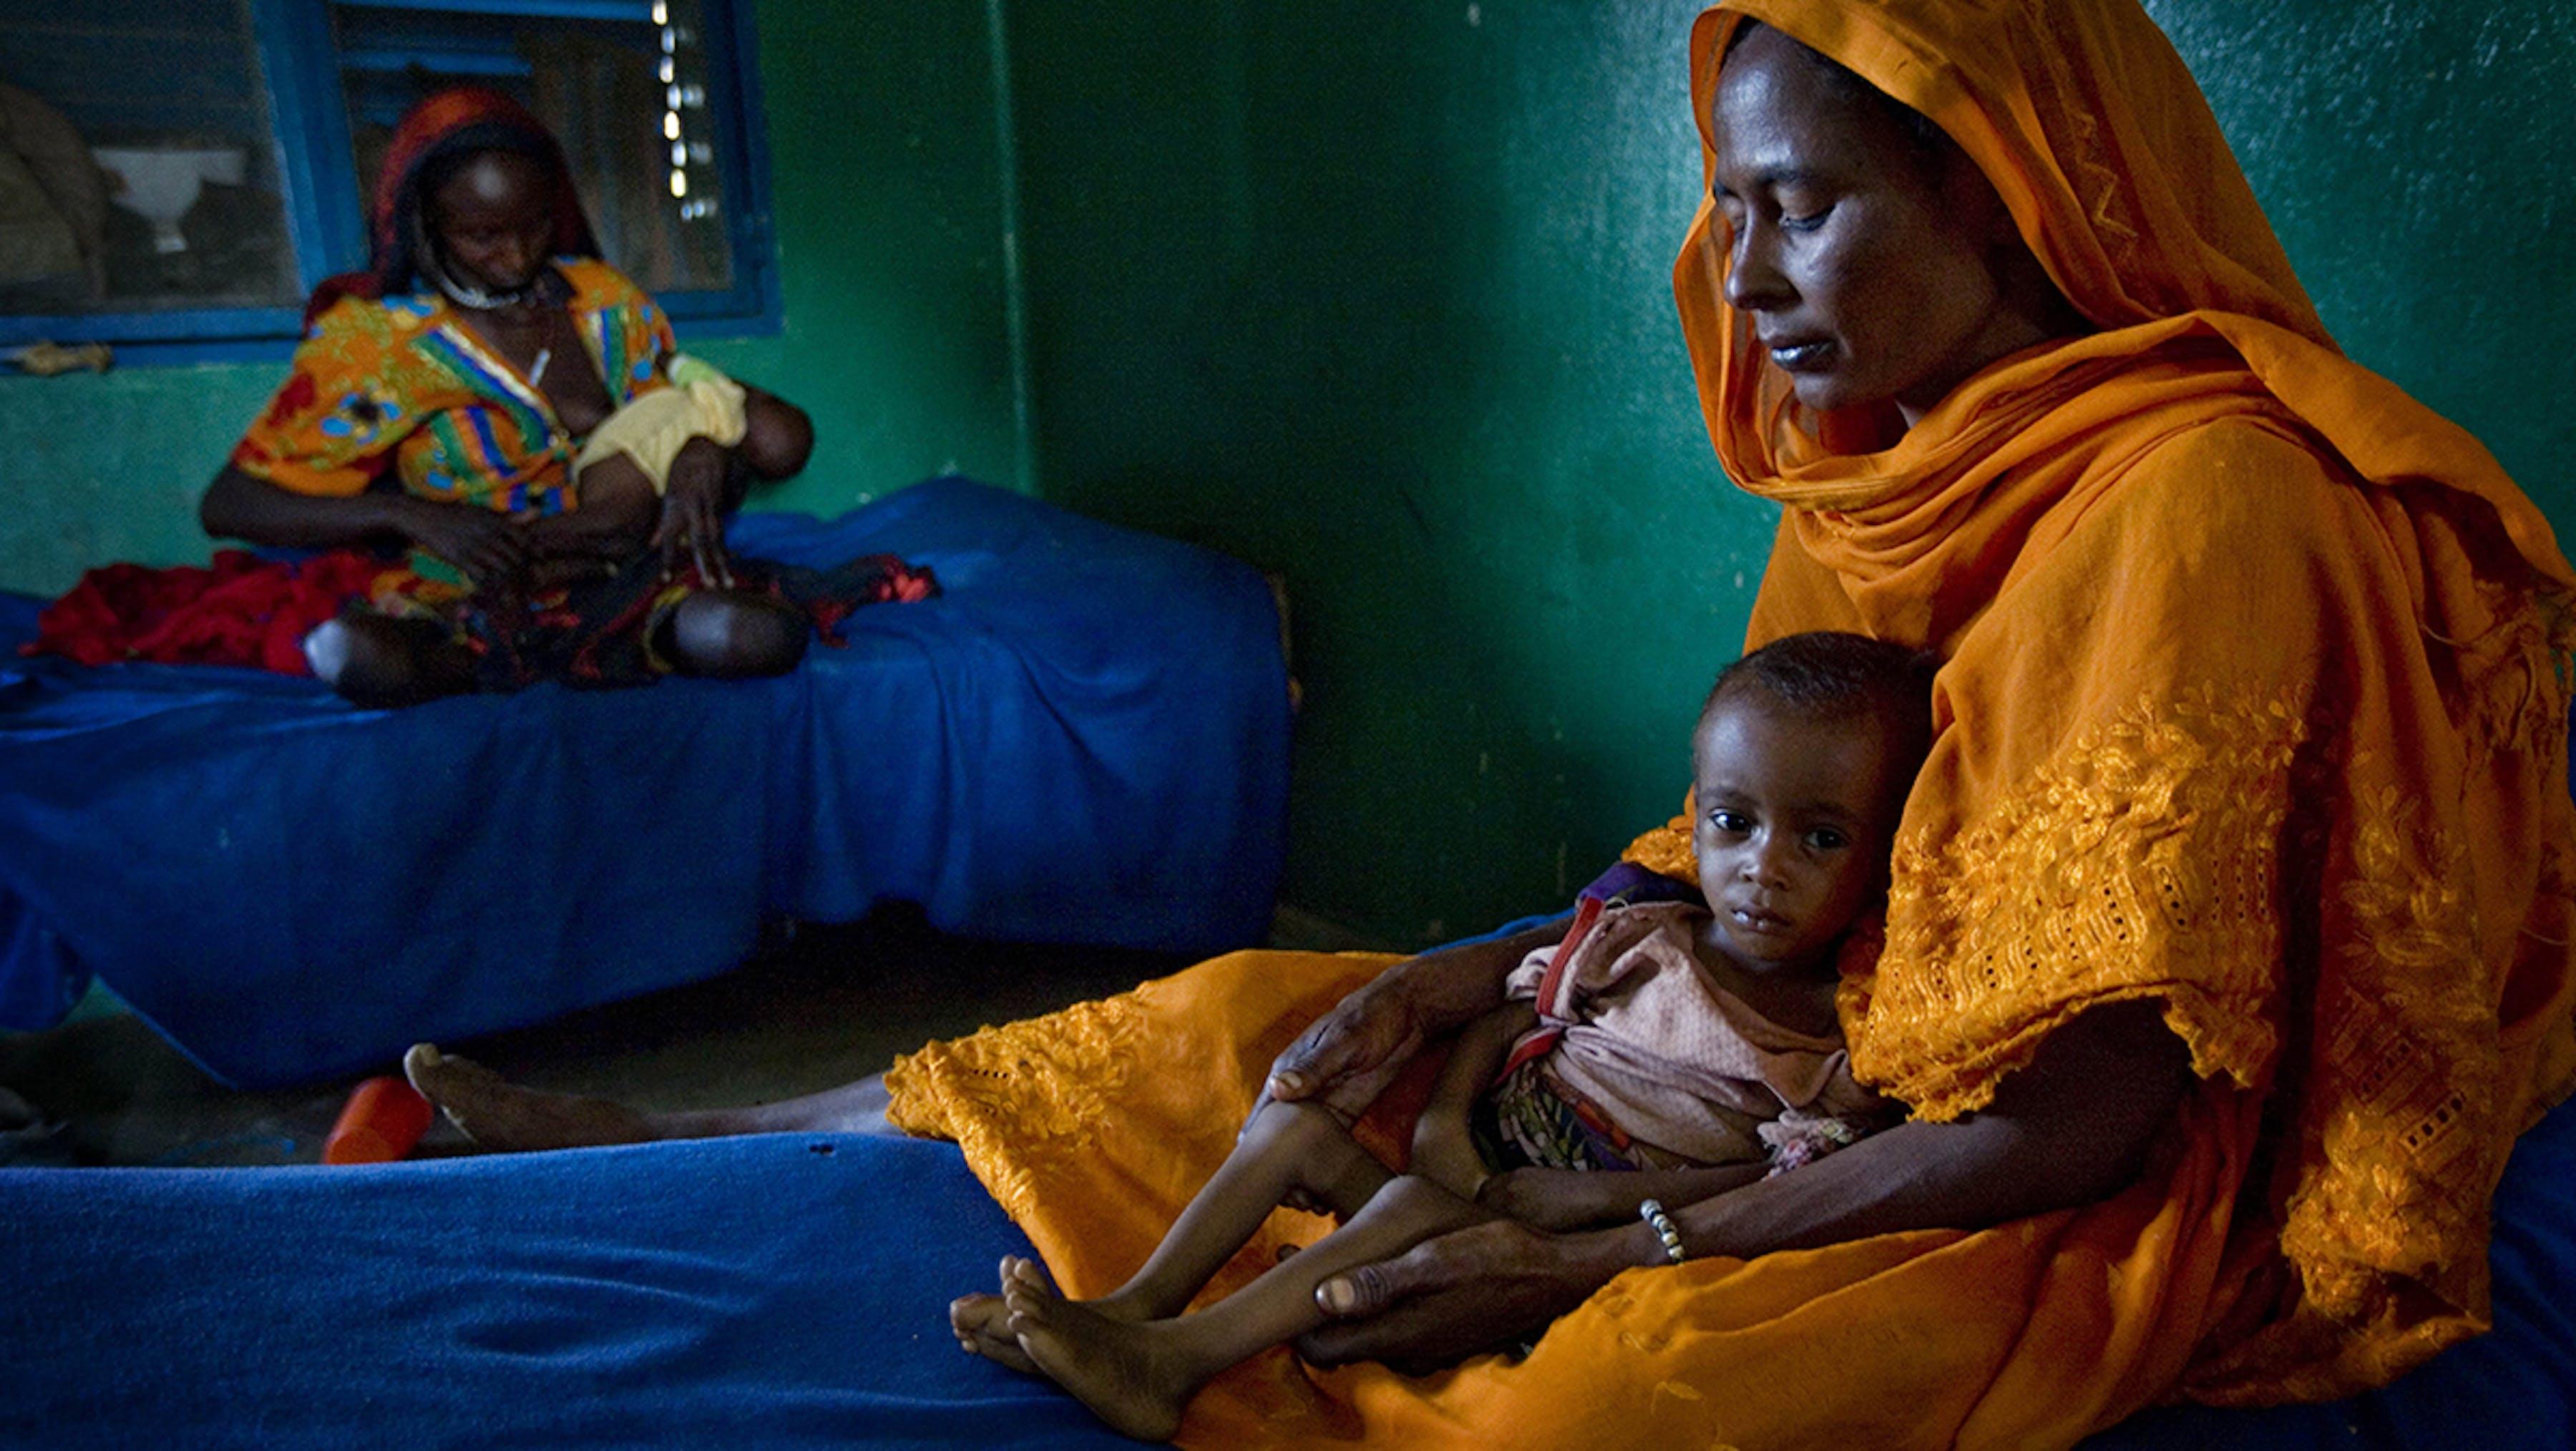 Alcune mamme con i loro bambini nel centro di alimentazione terapeutica presso la regione Ouaddaï, Ciad.